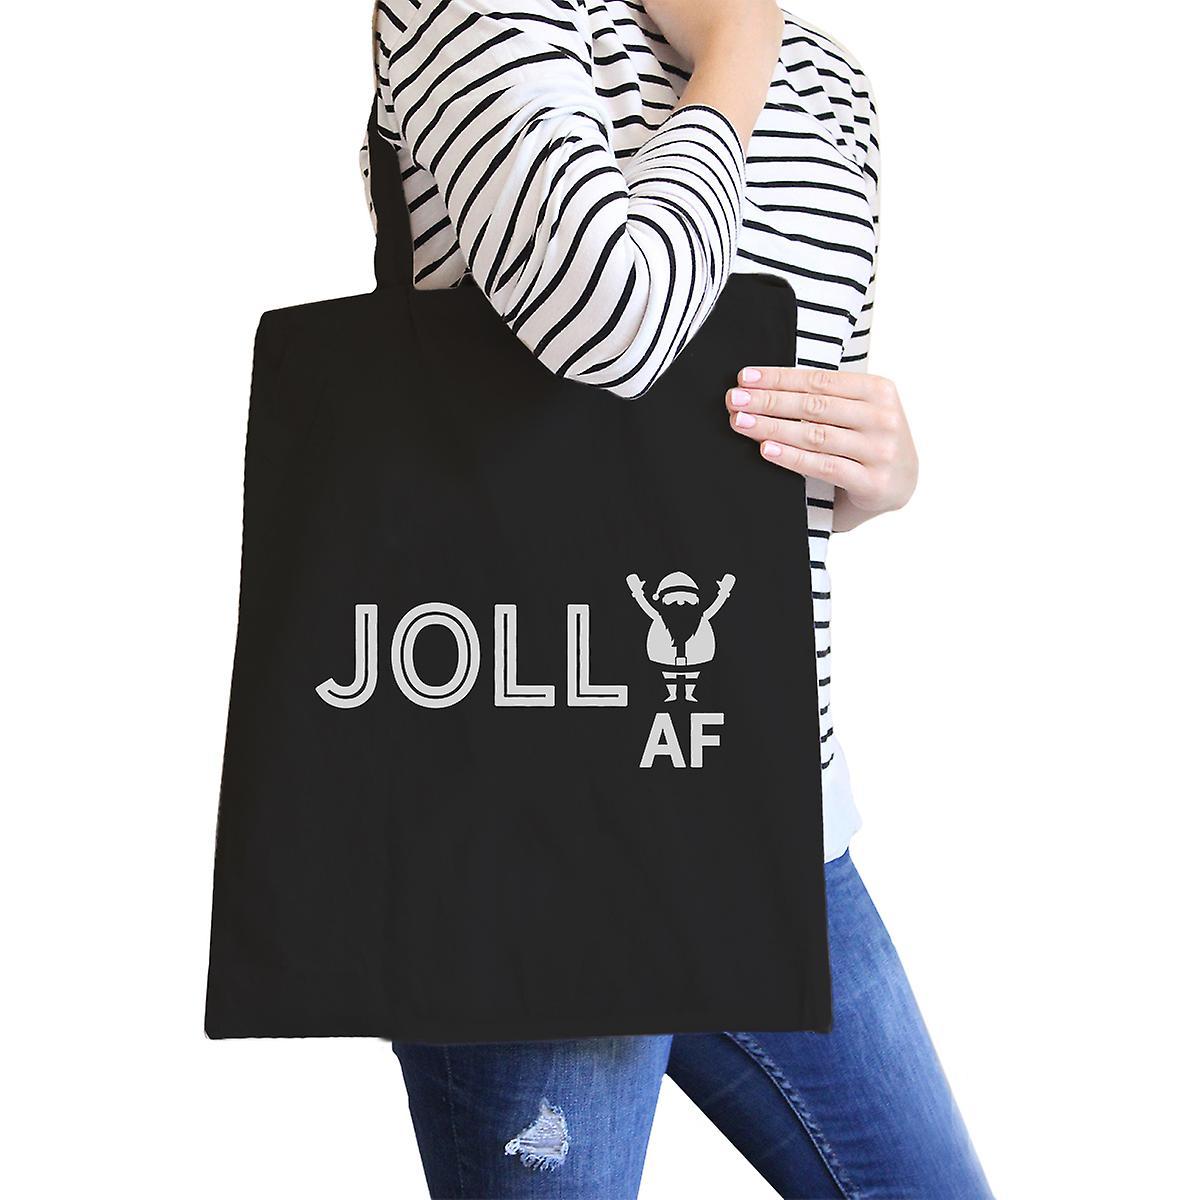 Weihnachtsgeschenke Für Jugendliche.Jolly Af Lustig Design Canvas Tasche Gag Weihnachtsgeschenke Für Jugendliche